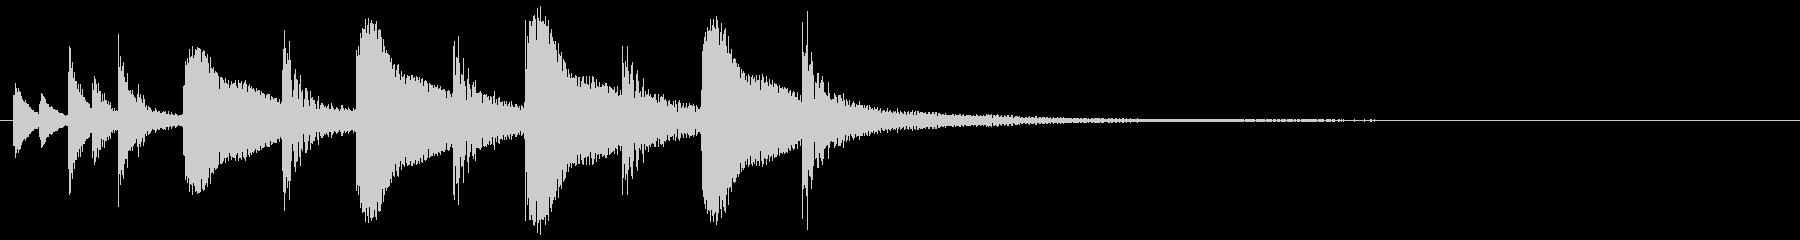 ドラム/ティンバレス フィルイン 13の未再生の波形